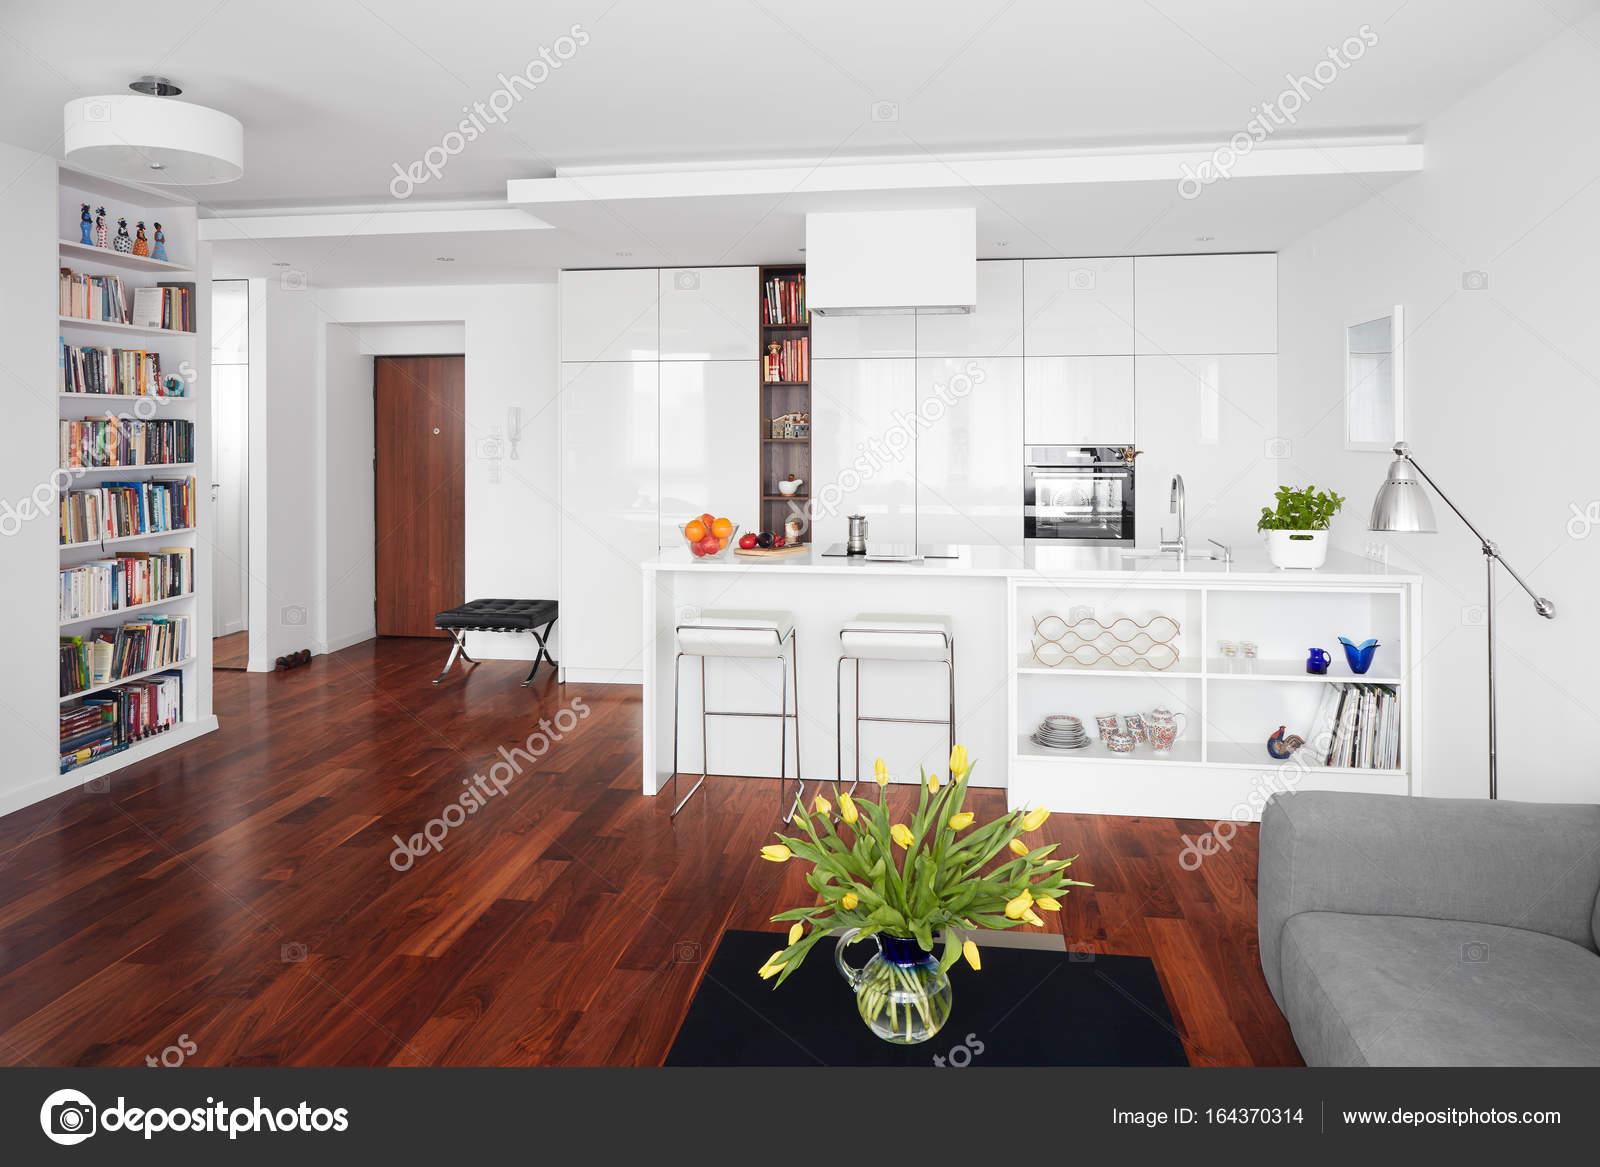 Moderne keuken en woonkamer, Scandinavische interieur — Stockfoto ...